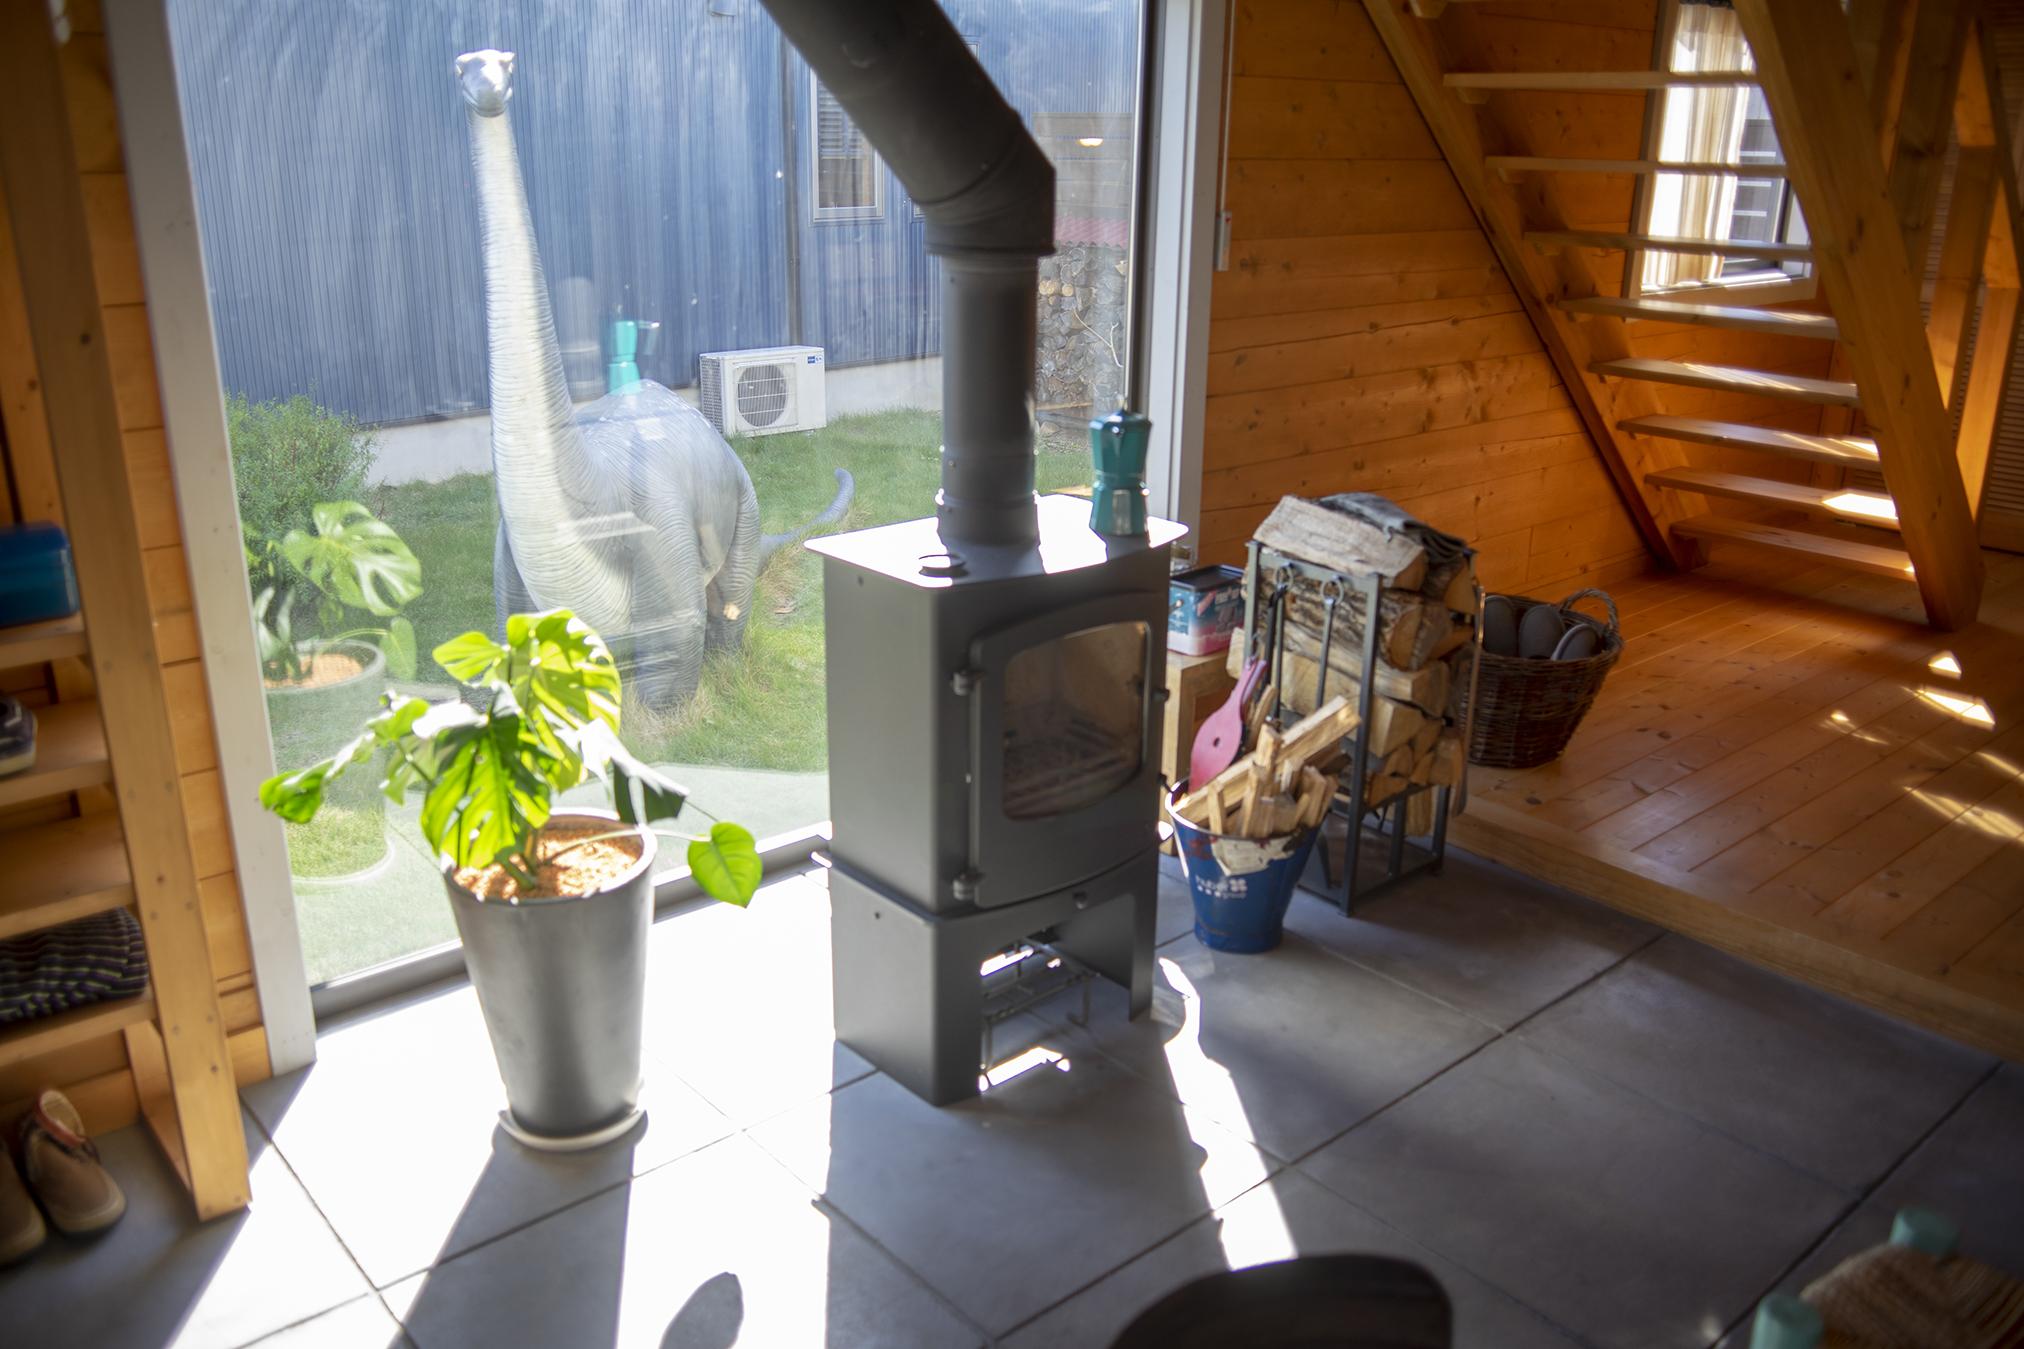 BESSのLOGWAYで暖炉のある暮らしとログハウスを手に入れたくなった